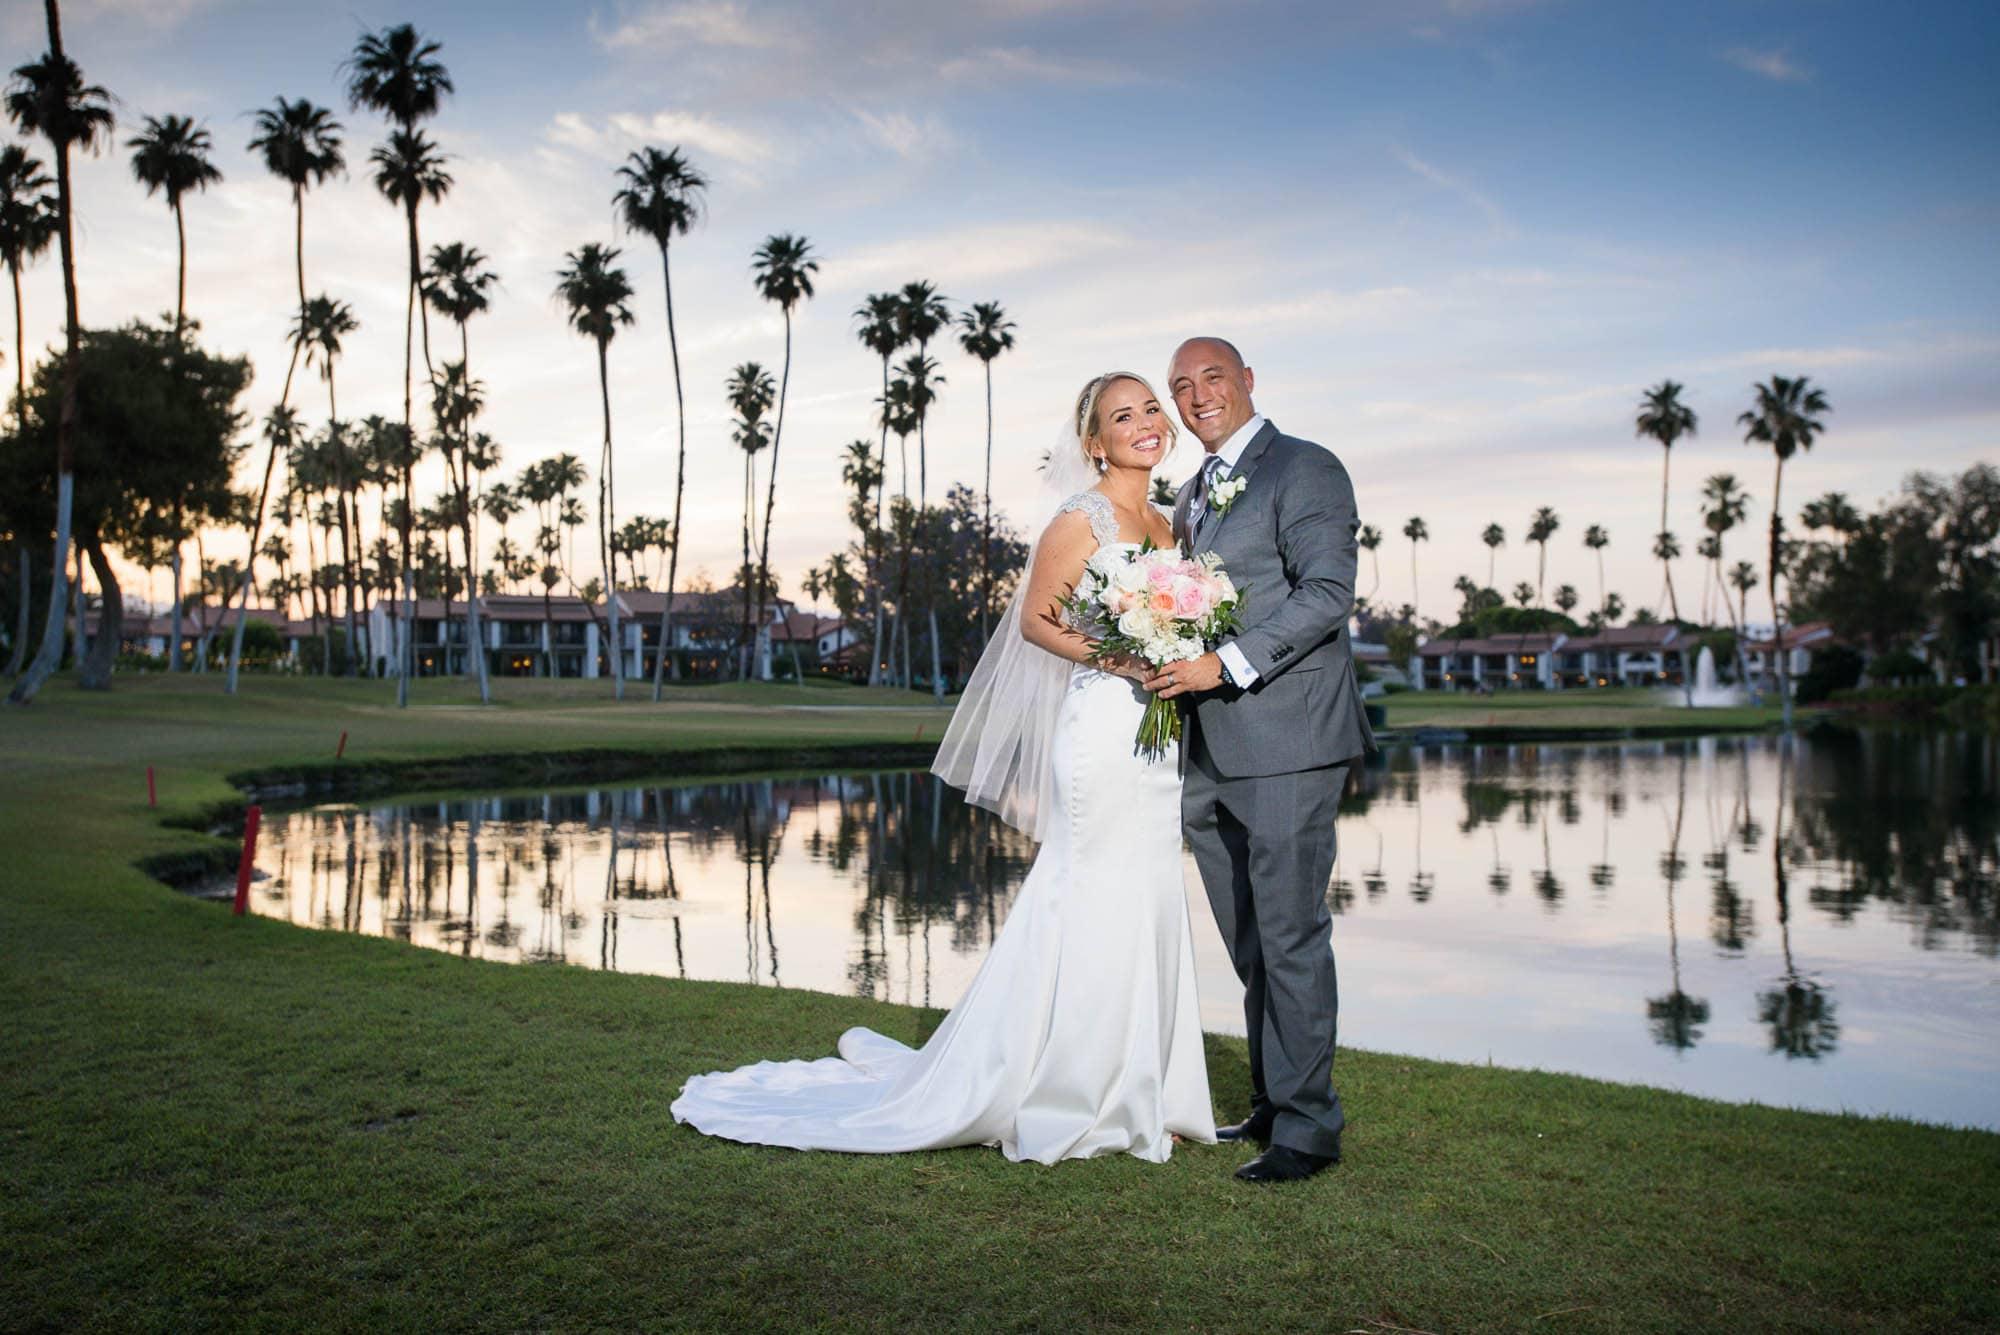 045_Alan_and_Heidi_Wedding_Amanda_Chad